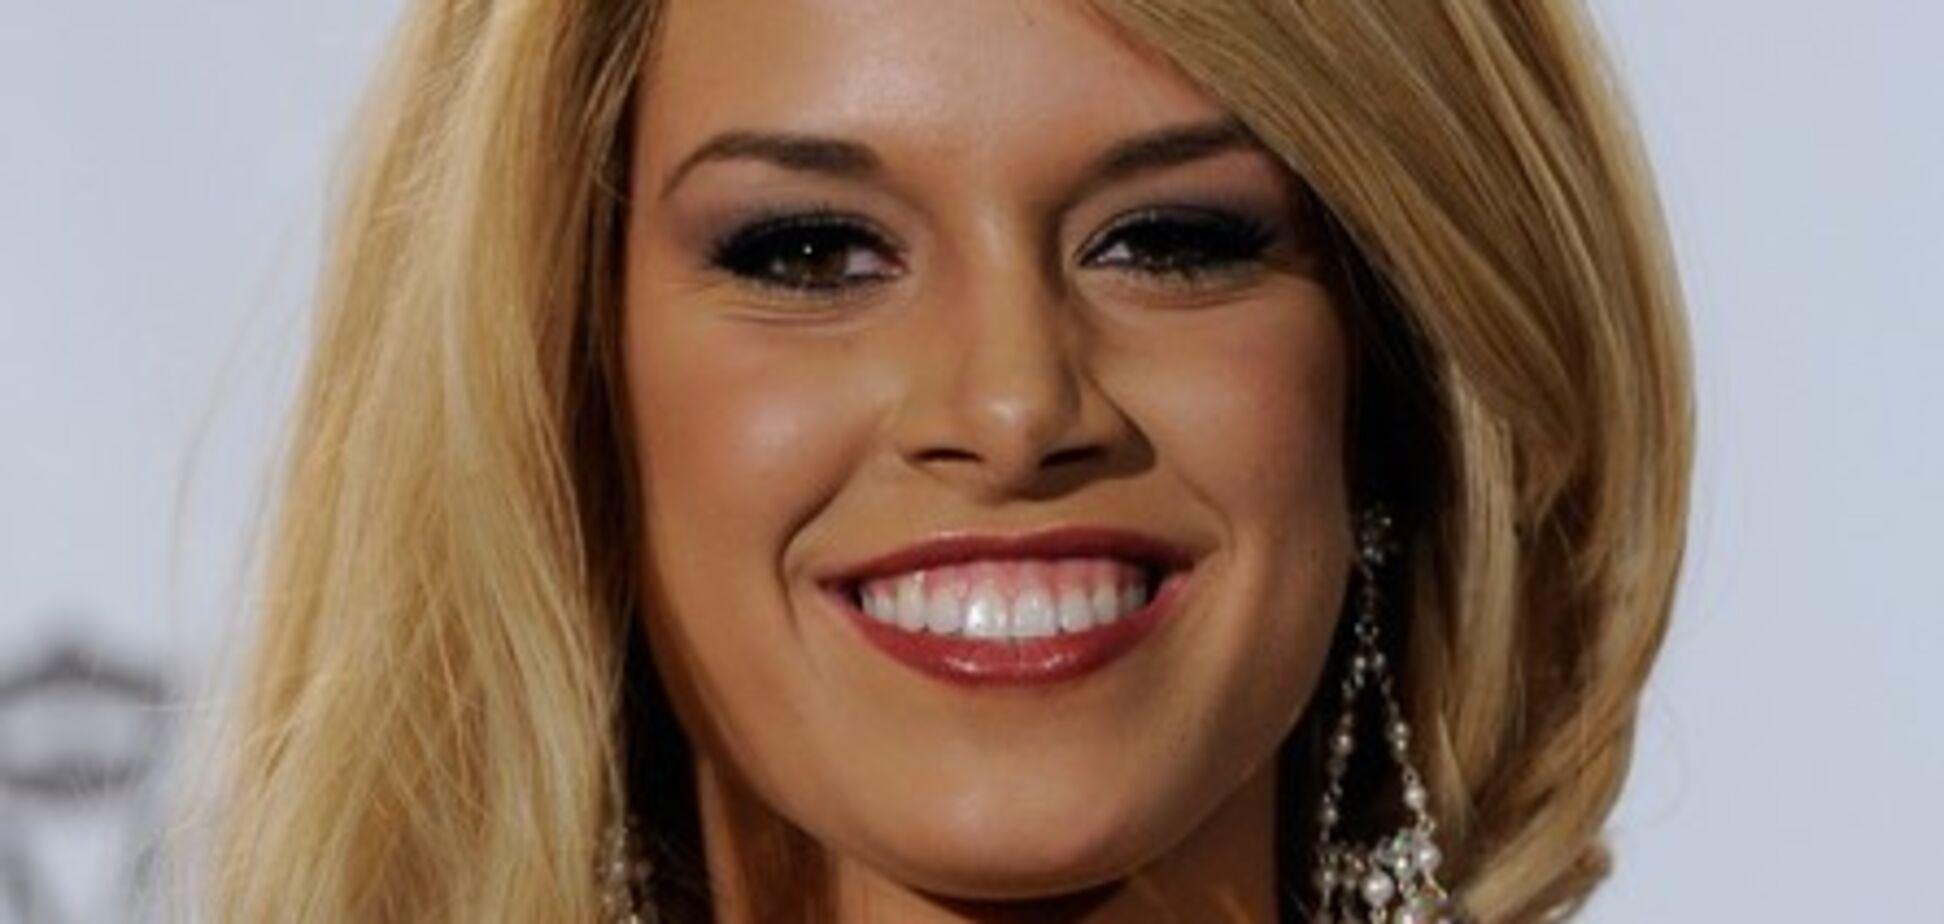 Американці вибрали чергову Міс, яка виглядає старше